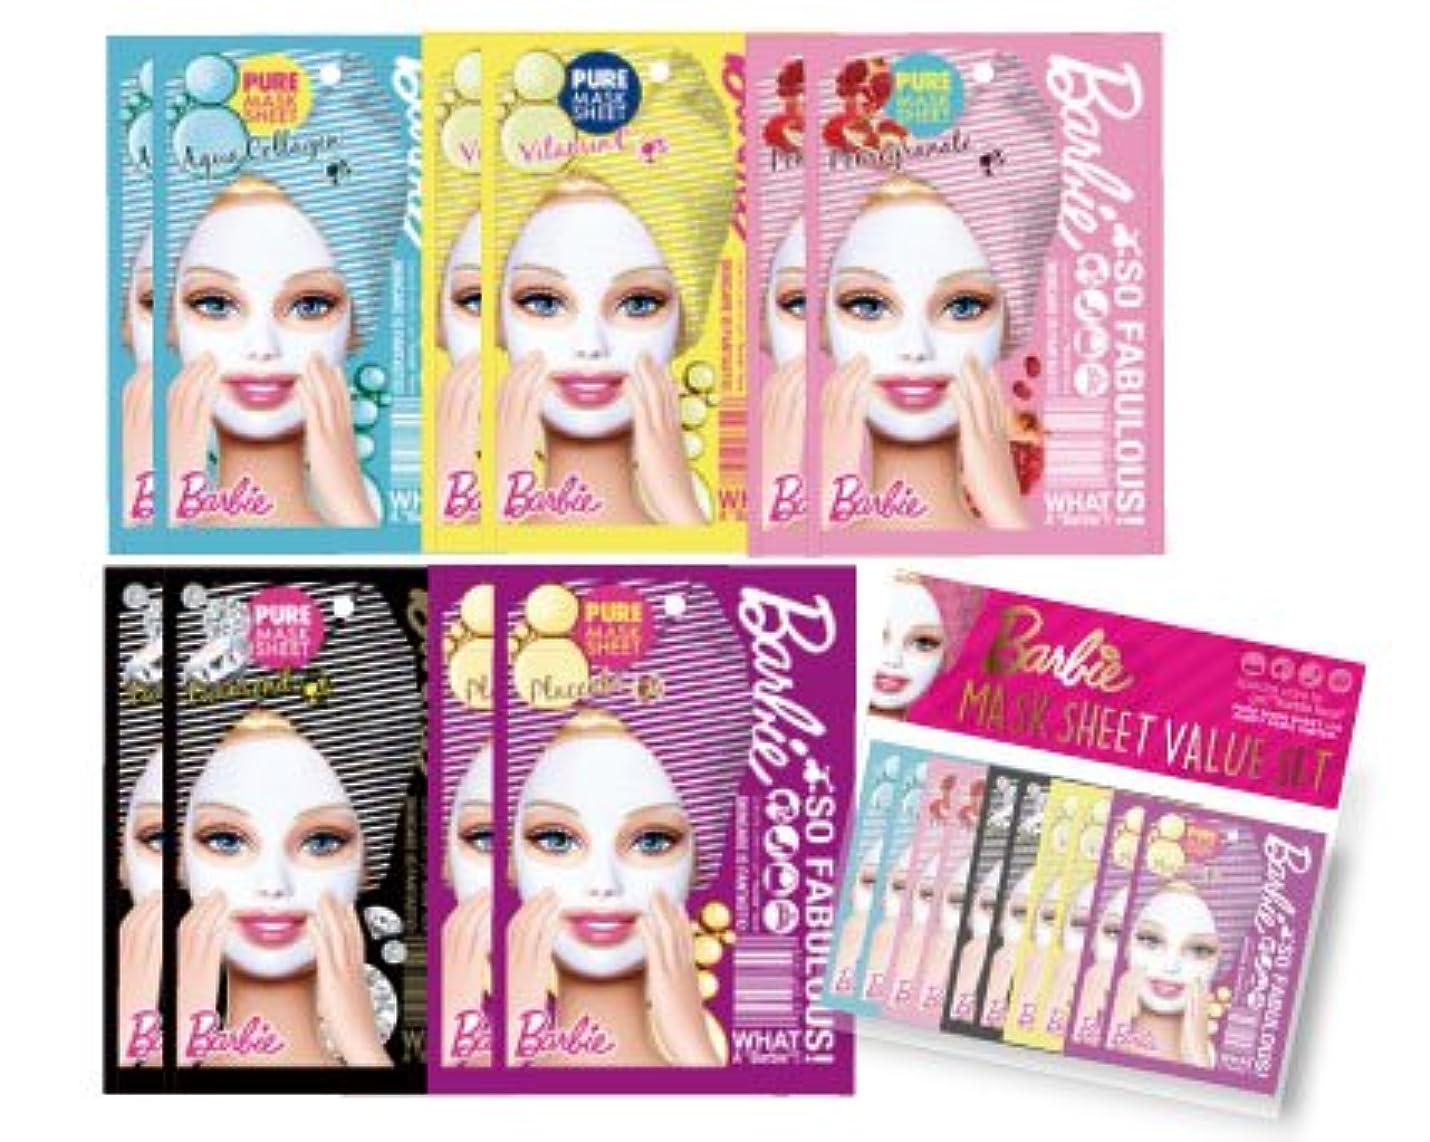 存在供給収まるヒューマンリンク バービー (Barbie) フェイスマスク バリューセット 25ml×10枚入り (コラーゲン/ビタミンC/ポメグラネート/ダイアモンド/プラセンタ) 顔 シートマスク [保湿/うるおい/キメ/透明感/...